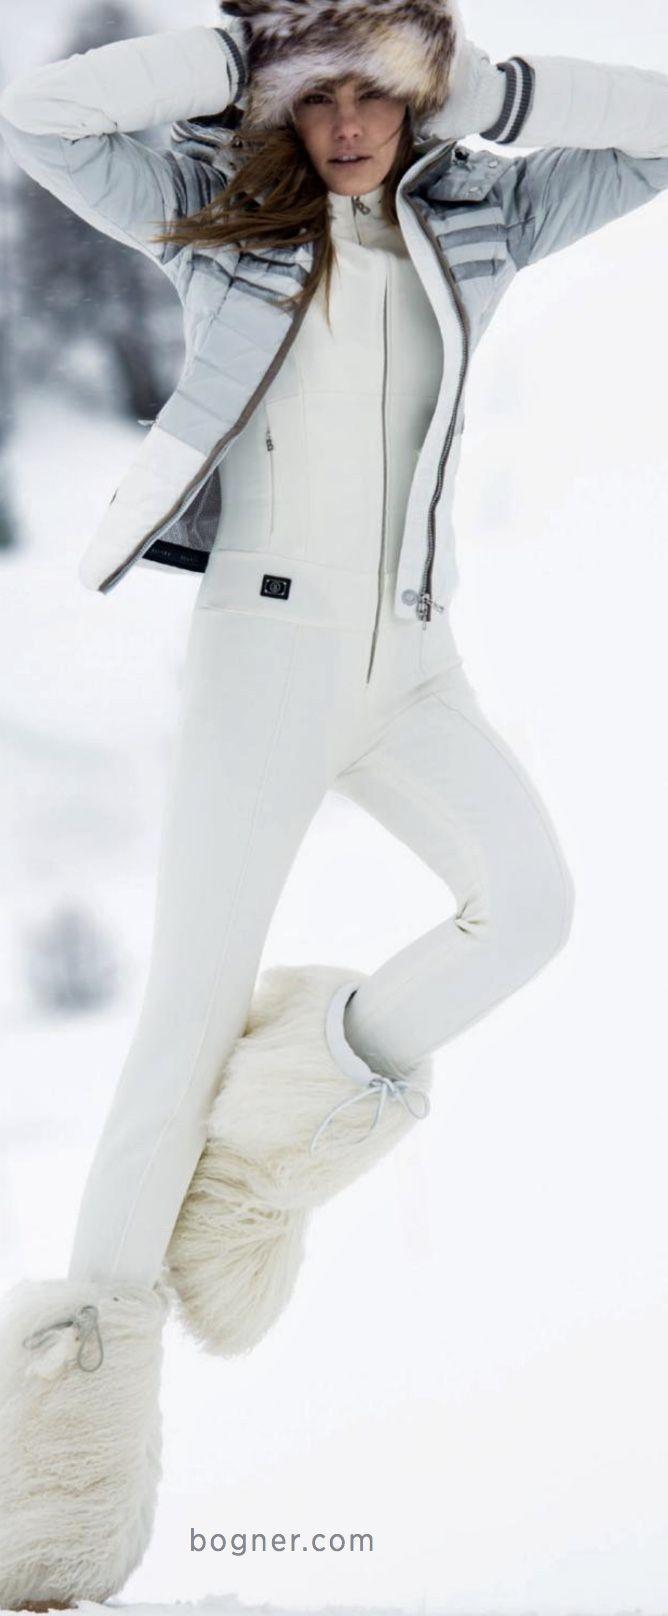 Ski Bunny, Bogner, Ski Apres, Bogner